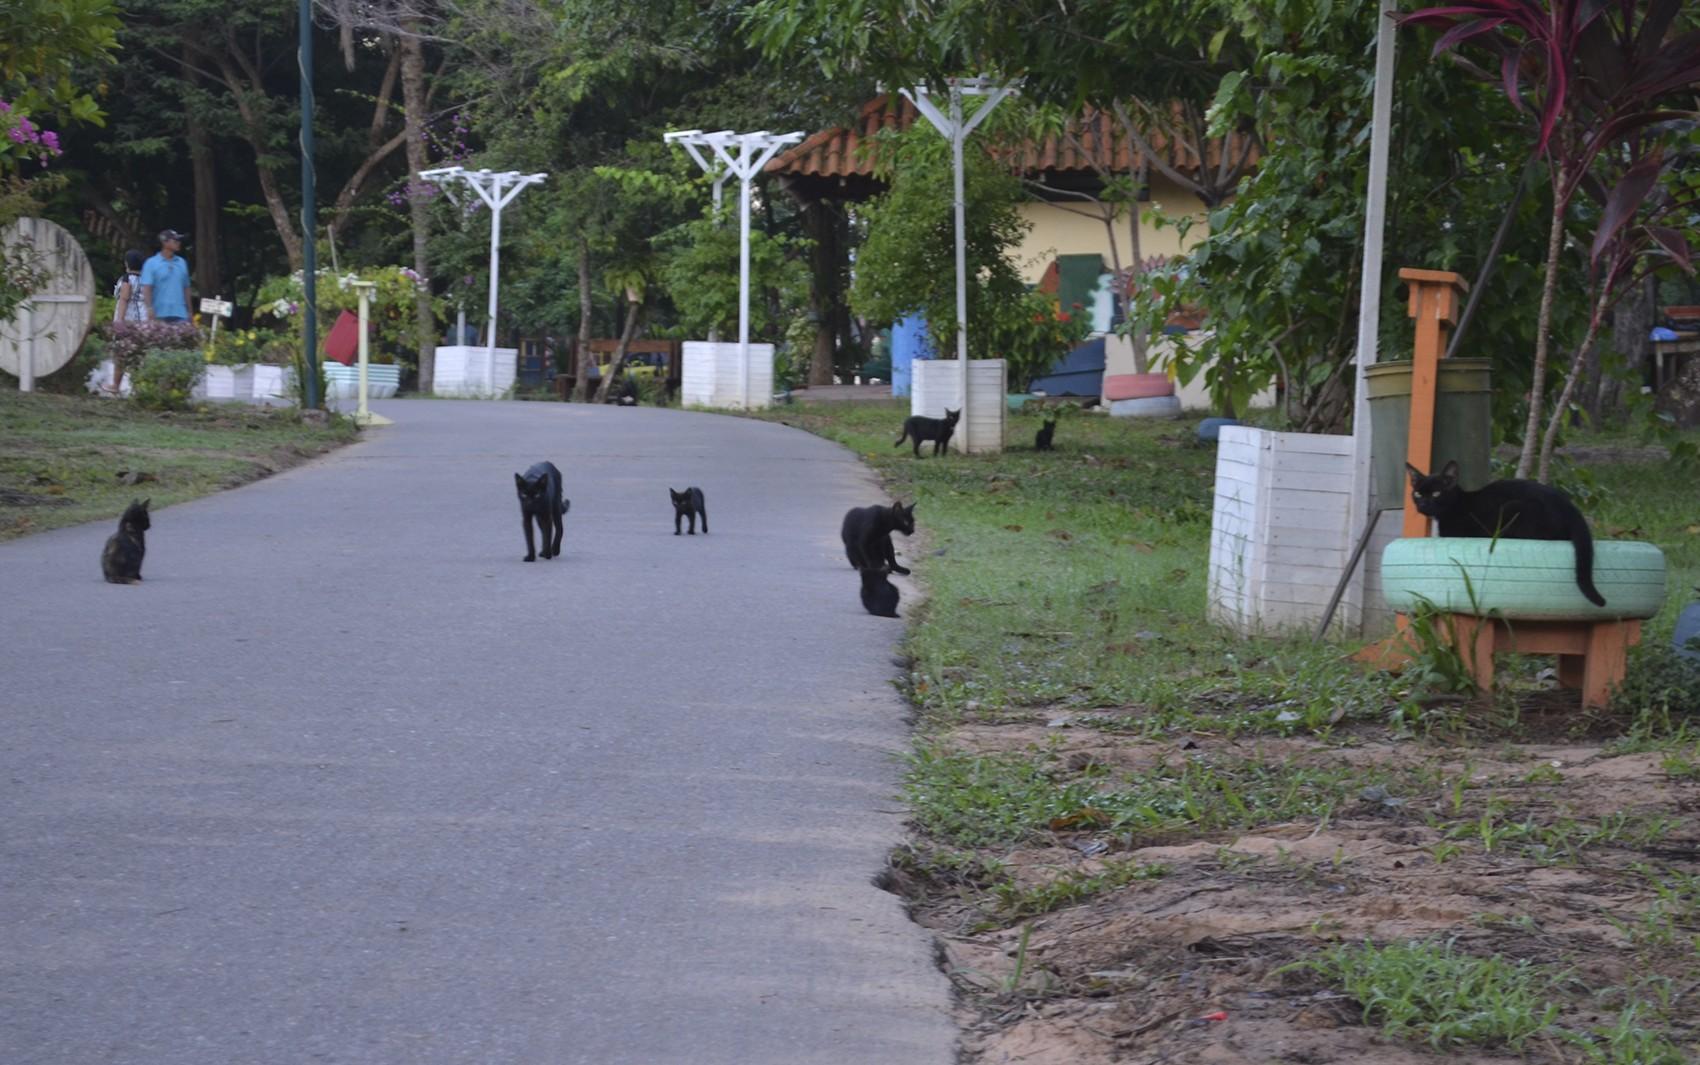 ONG organiza campanha para encontrar lar para gatos abandonados em Santarém